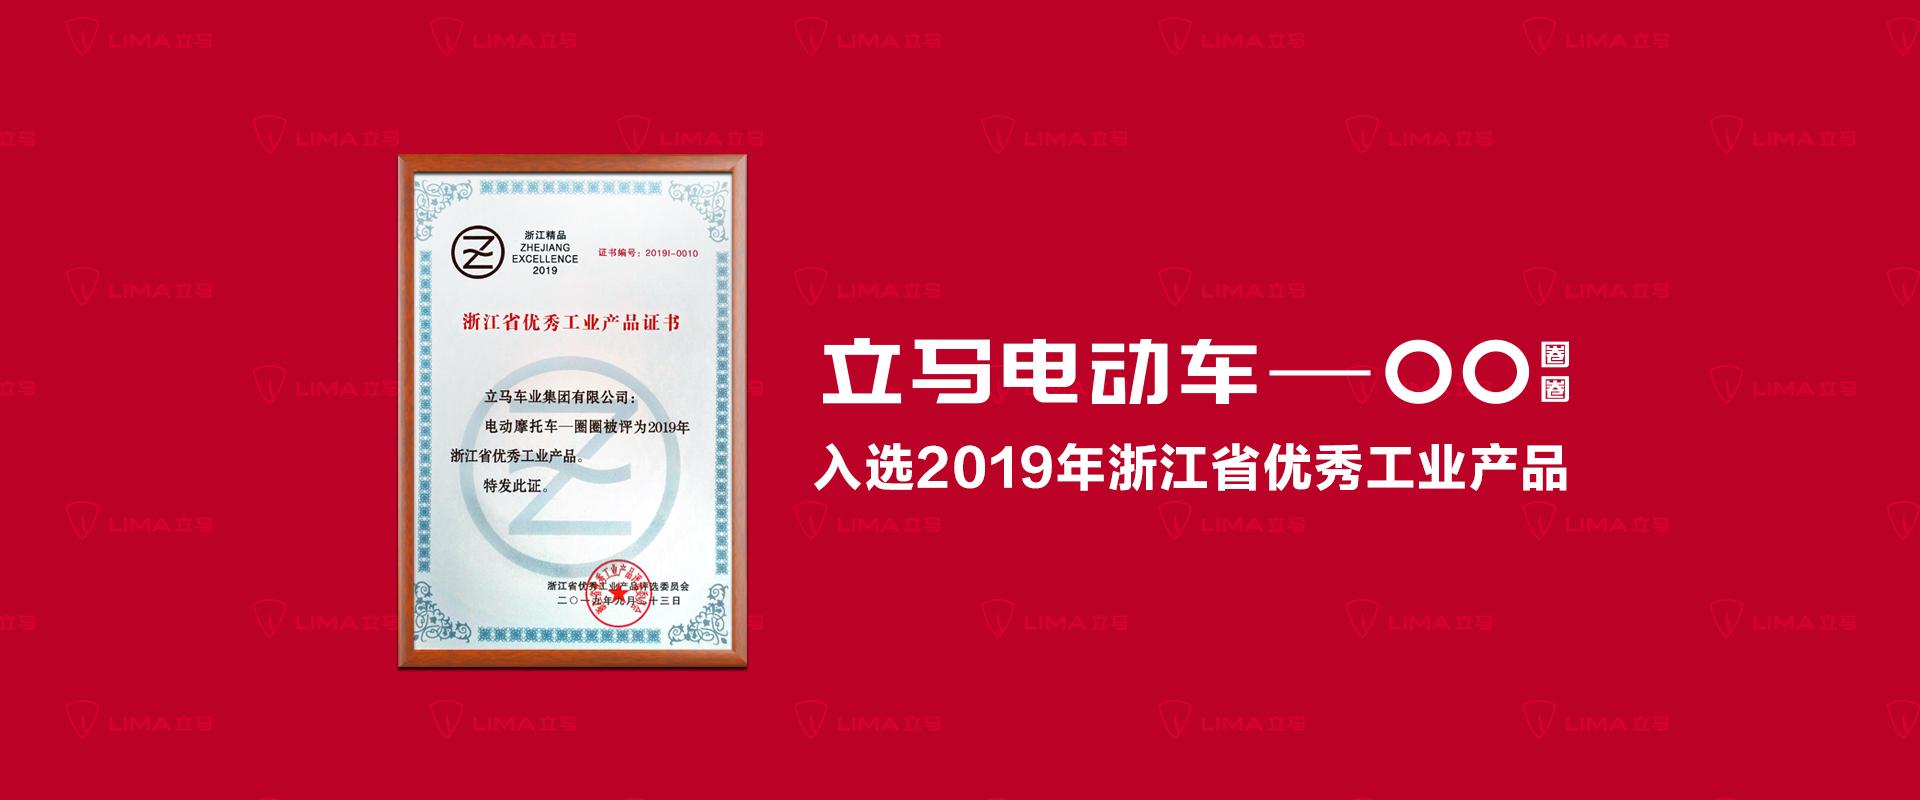 行業重磅,立馬圈圈榮獲2019年浙江省優秀工業産品獎